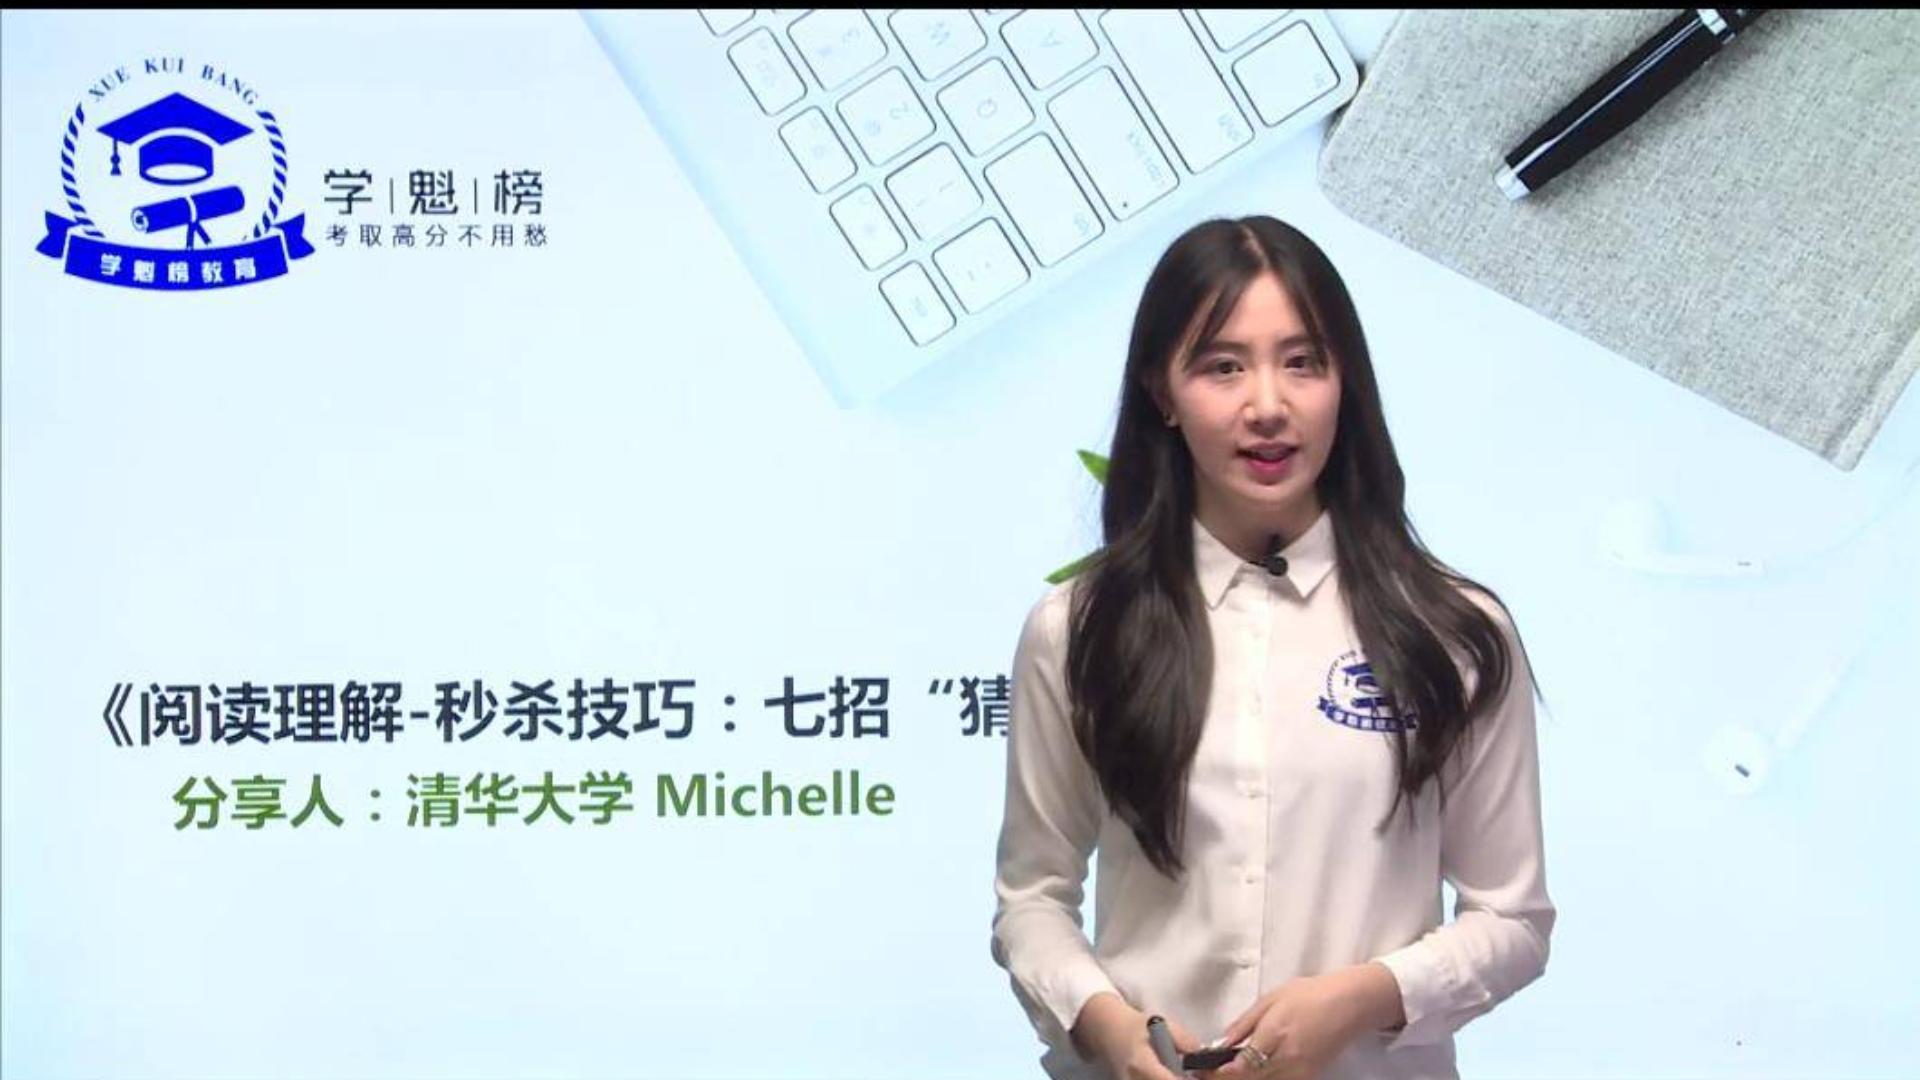 清华学姐带你飞 阅读理解秒杀技巧 7招猜懂词义